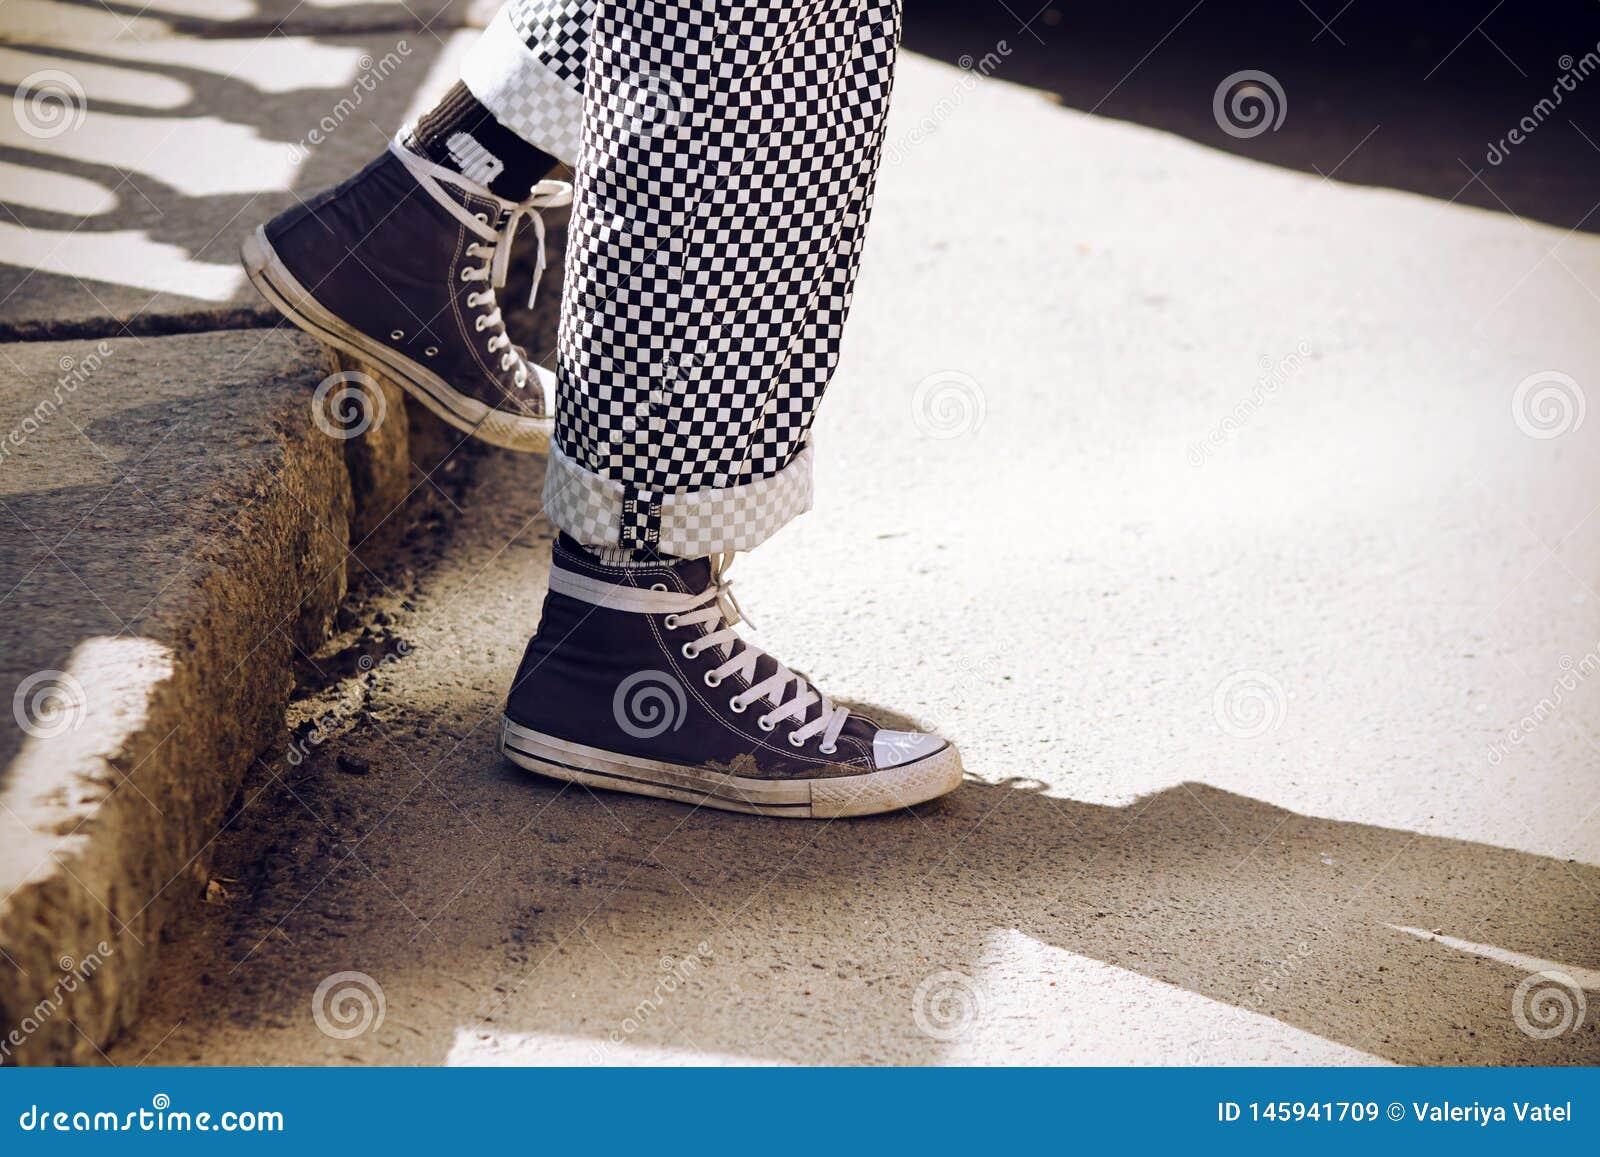 Le gambe vestite in pantaloni di plaid ed in scarpe da tennis blu discendono dal punto